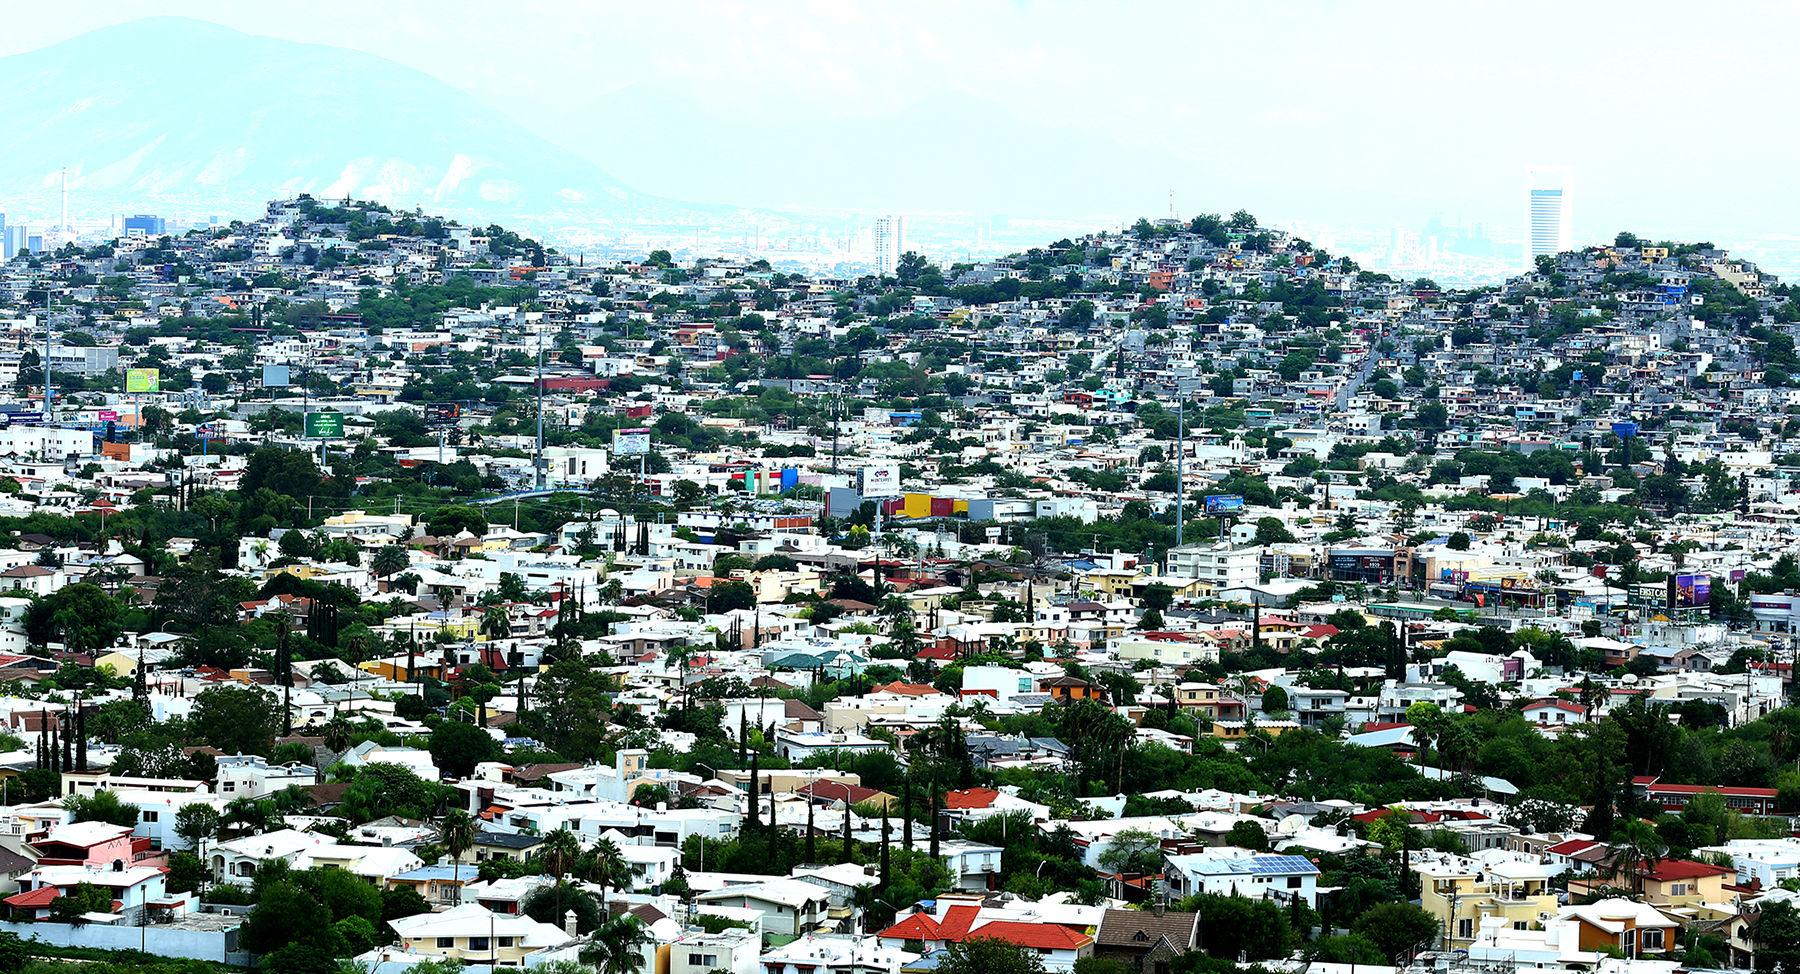 El desarrollo urbano y sus problemáticas sociales también será analizado